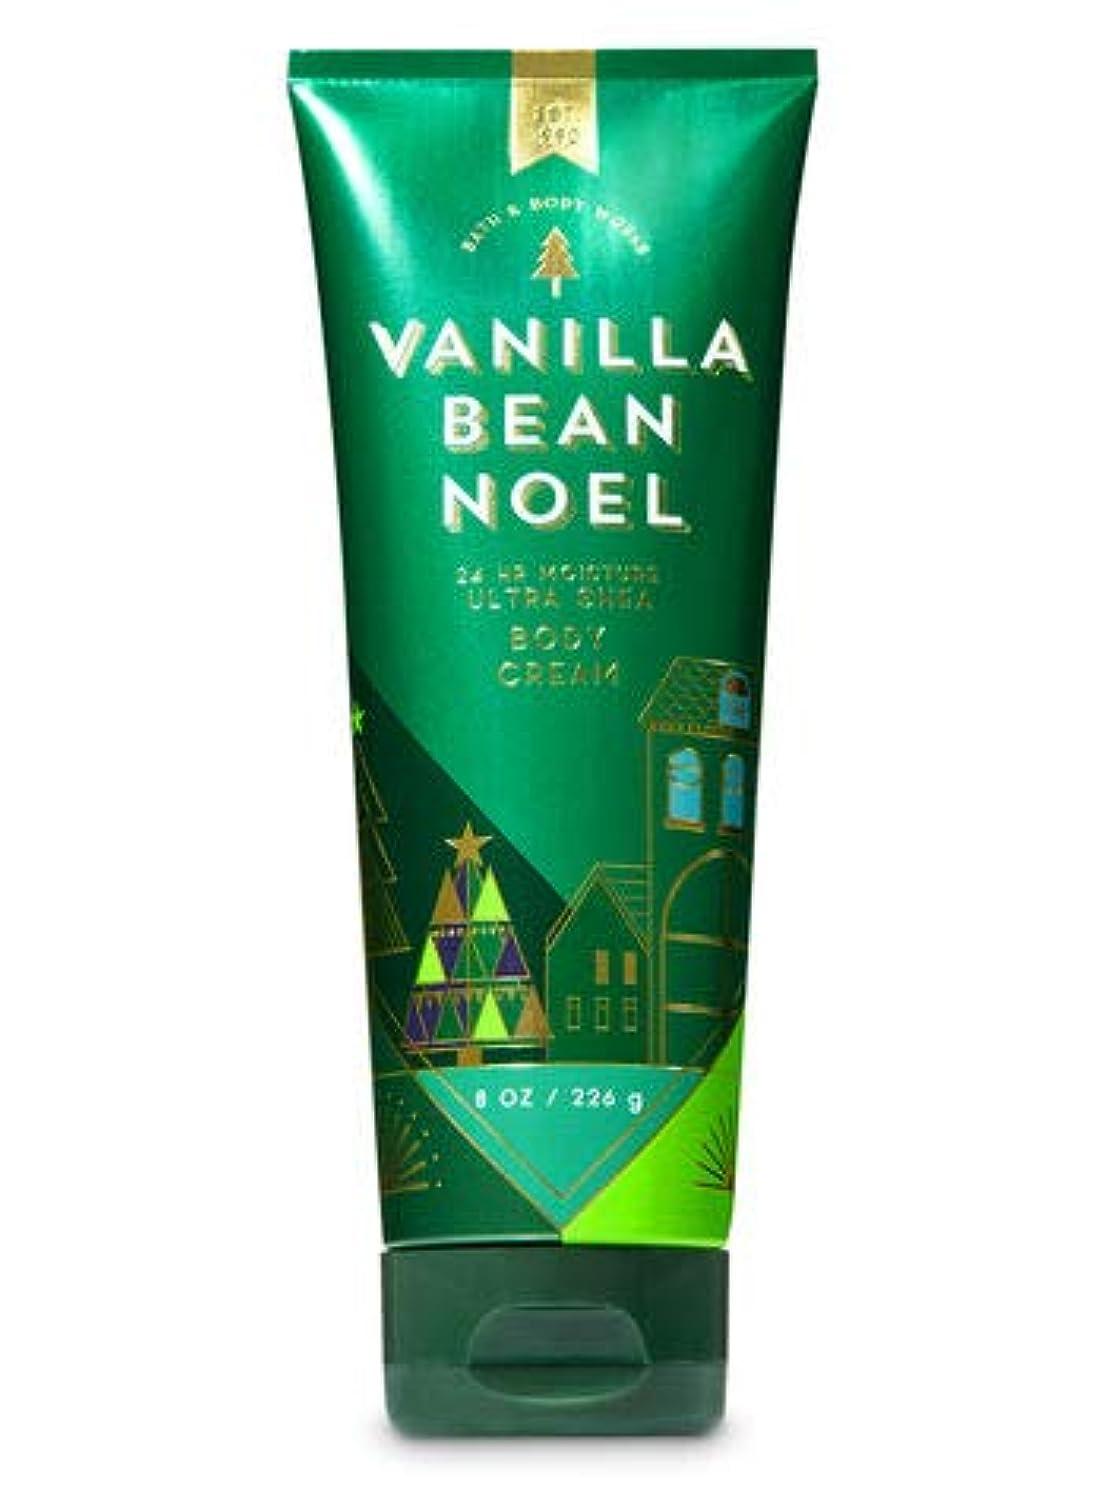 セッション省略するあいまいな【Bath&Body Works/バス&ボディワークス】 ボディクリーム バニラビーンノエル Ultra Shea Body Cream Vanilla Bean Noel 8 oz / 226 g [並行輸入品]